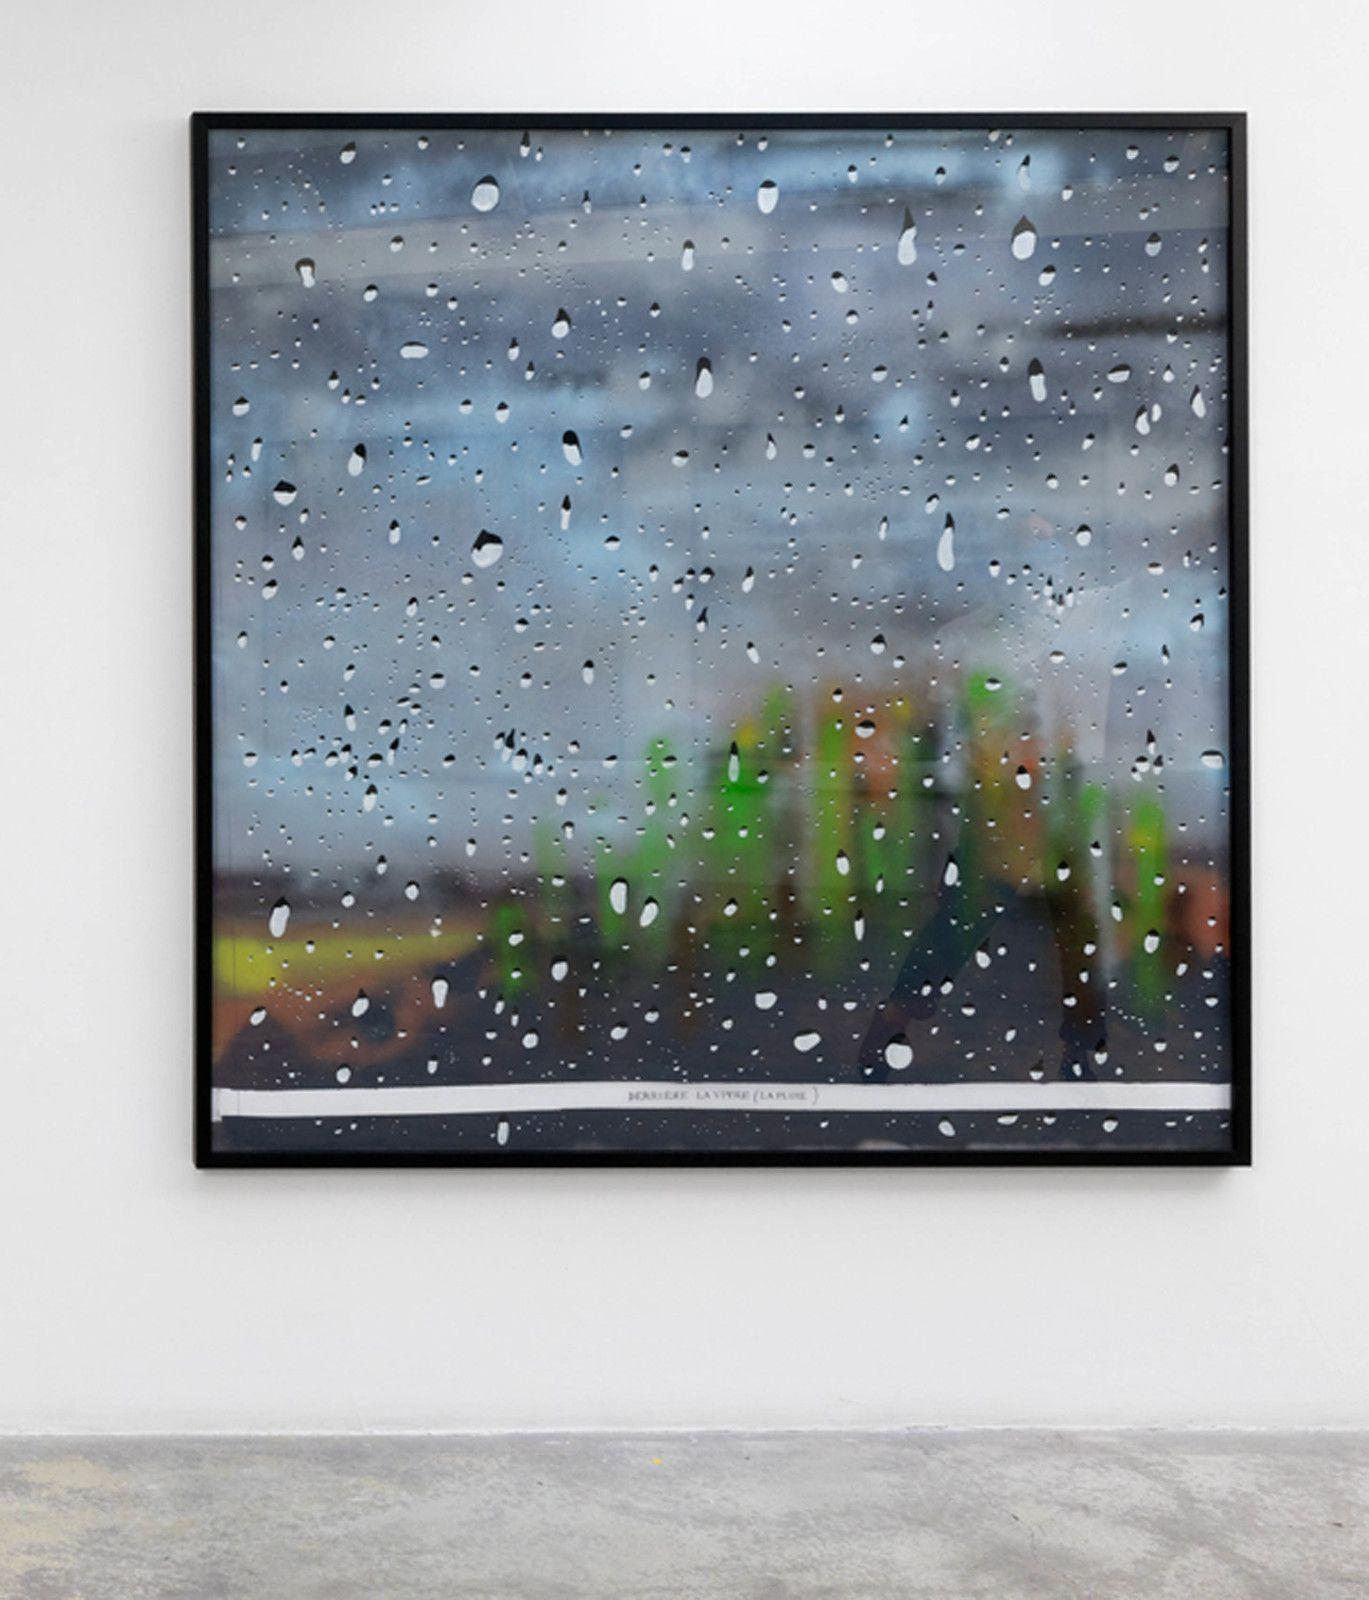 """""""Derrière la vitre (La Pluie) #2"""", 2020 de Gilles BARBIER - Courtesy Galerie G-P & N Vallois"""